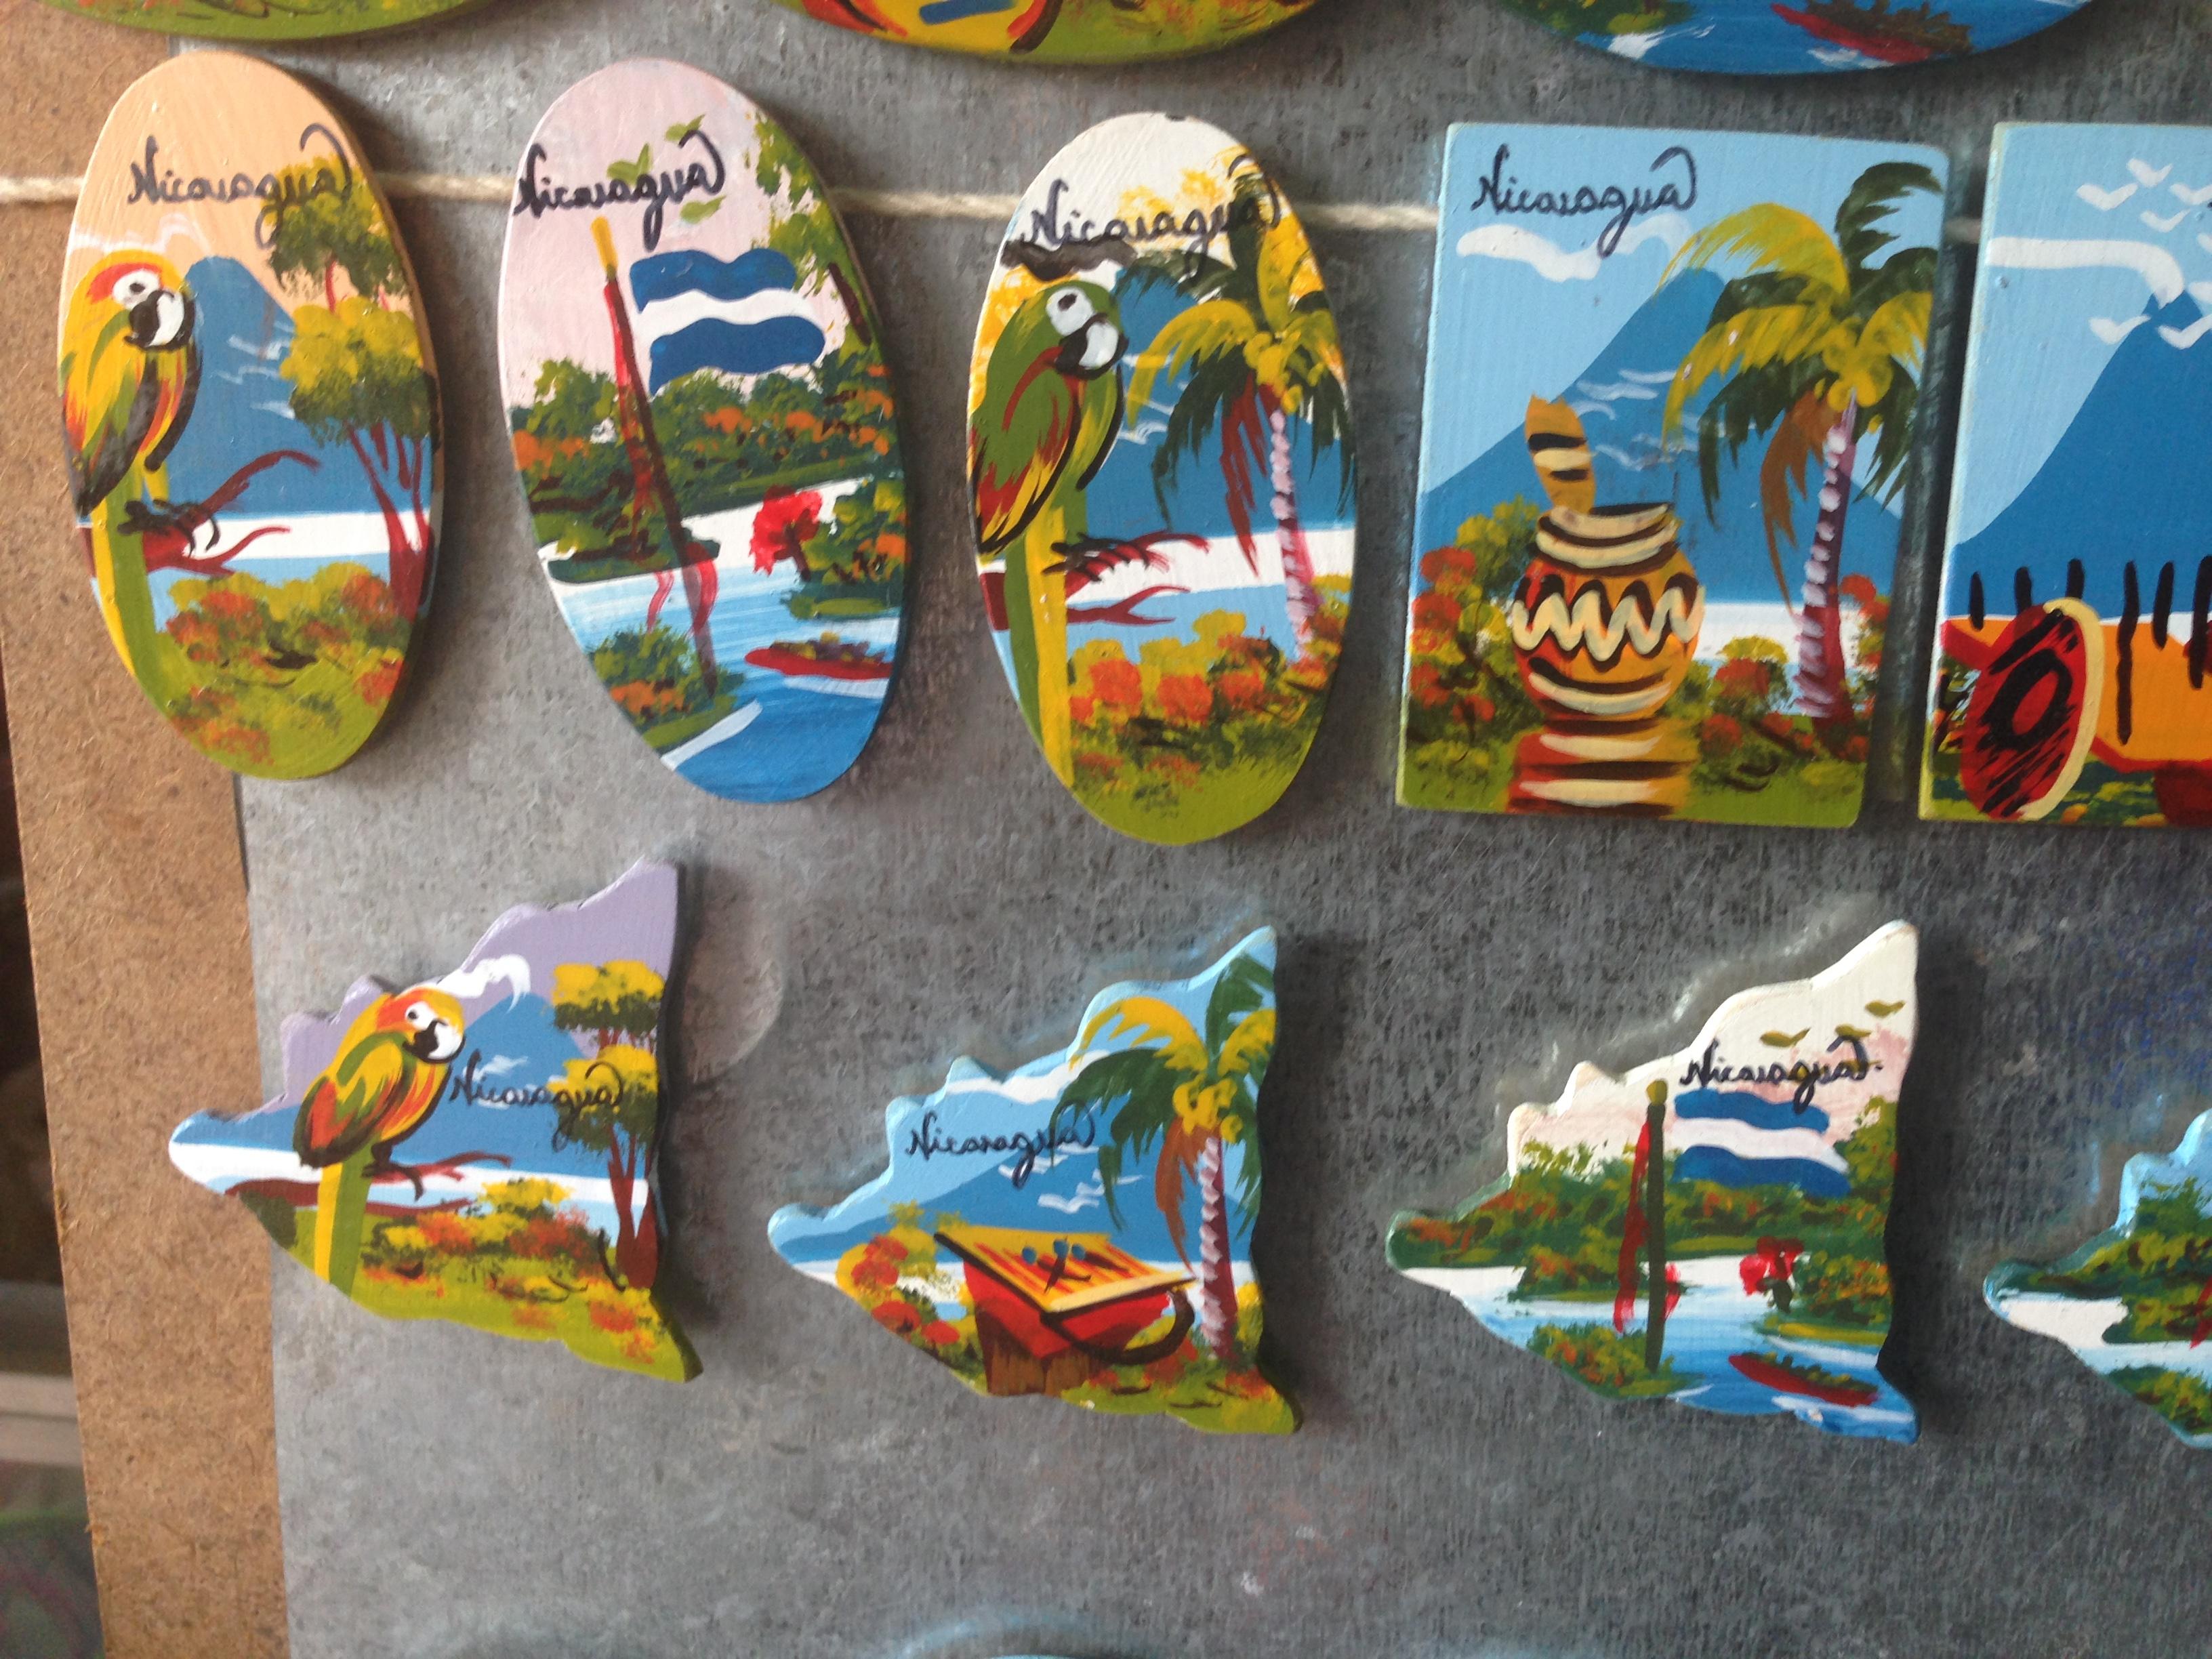 ¿Dónde comprar artesanía típica en Masaya?